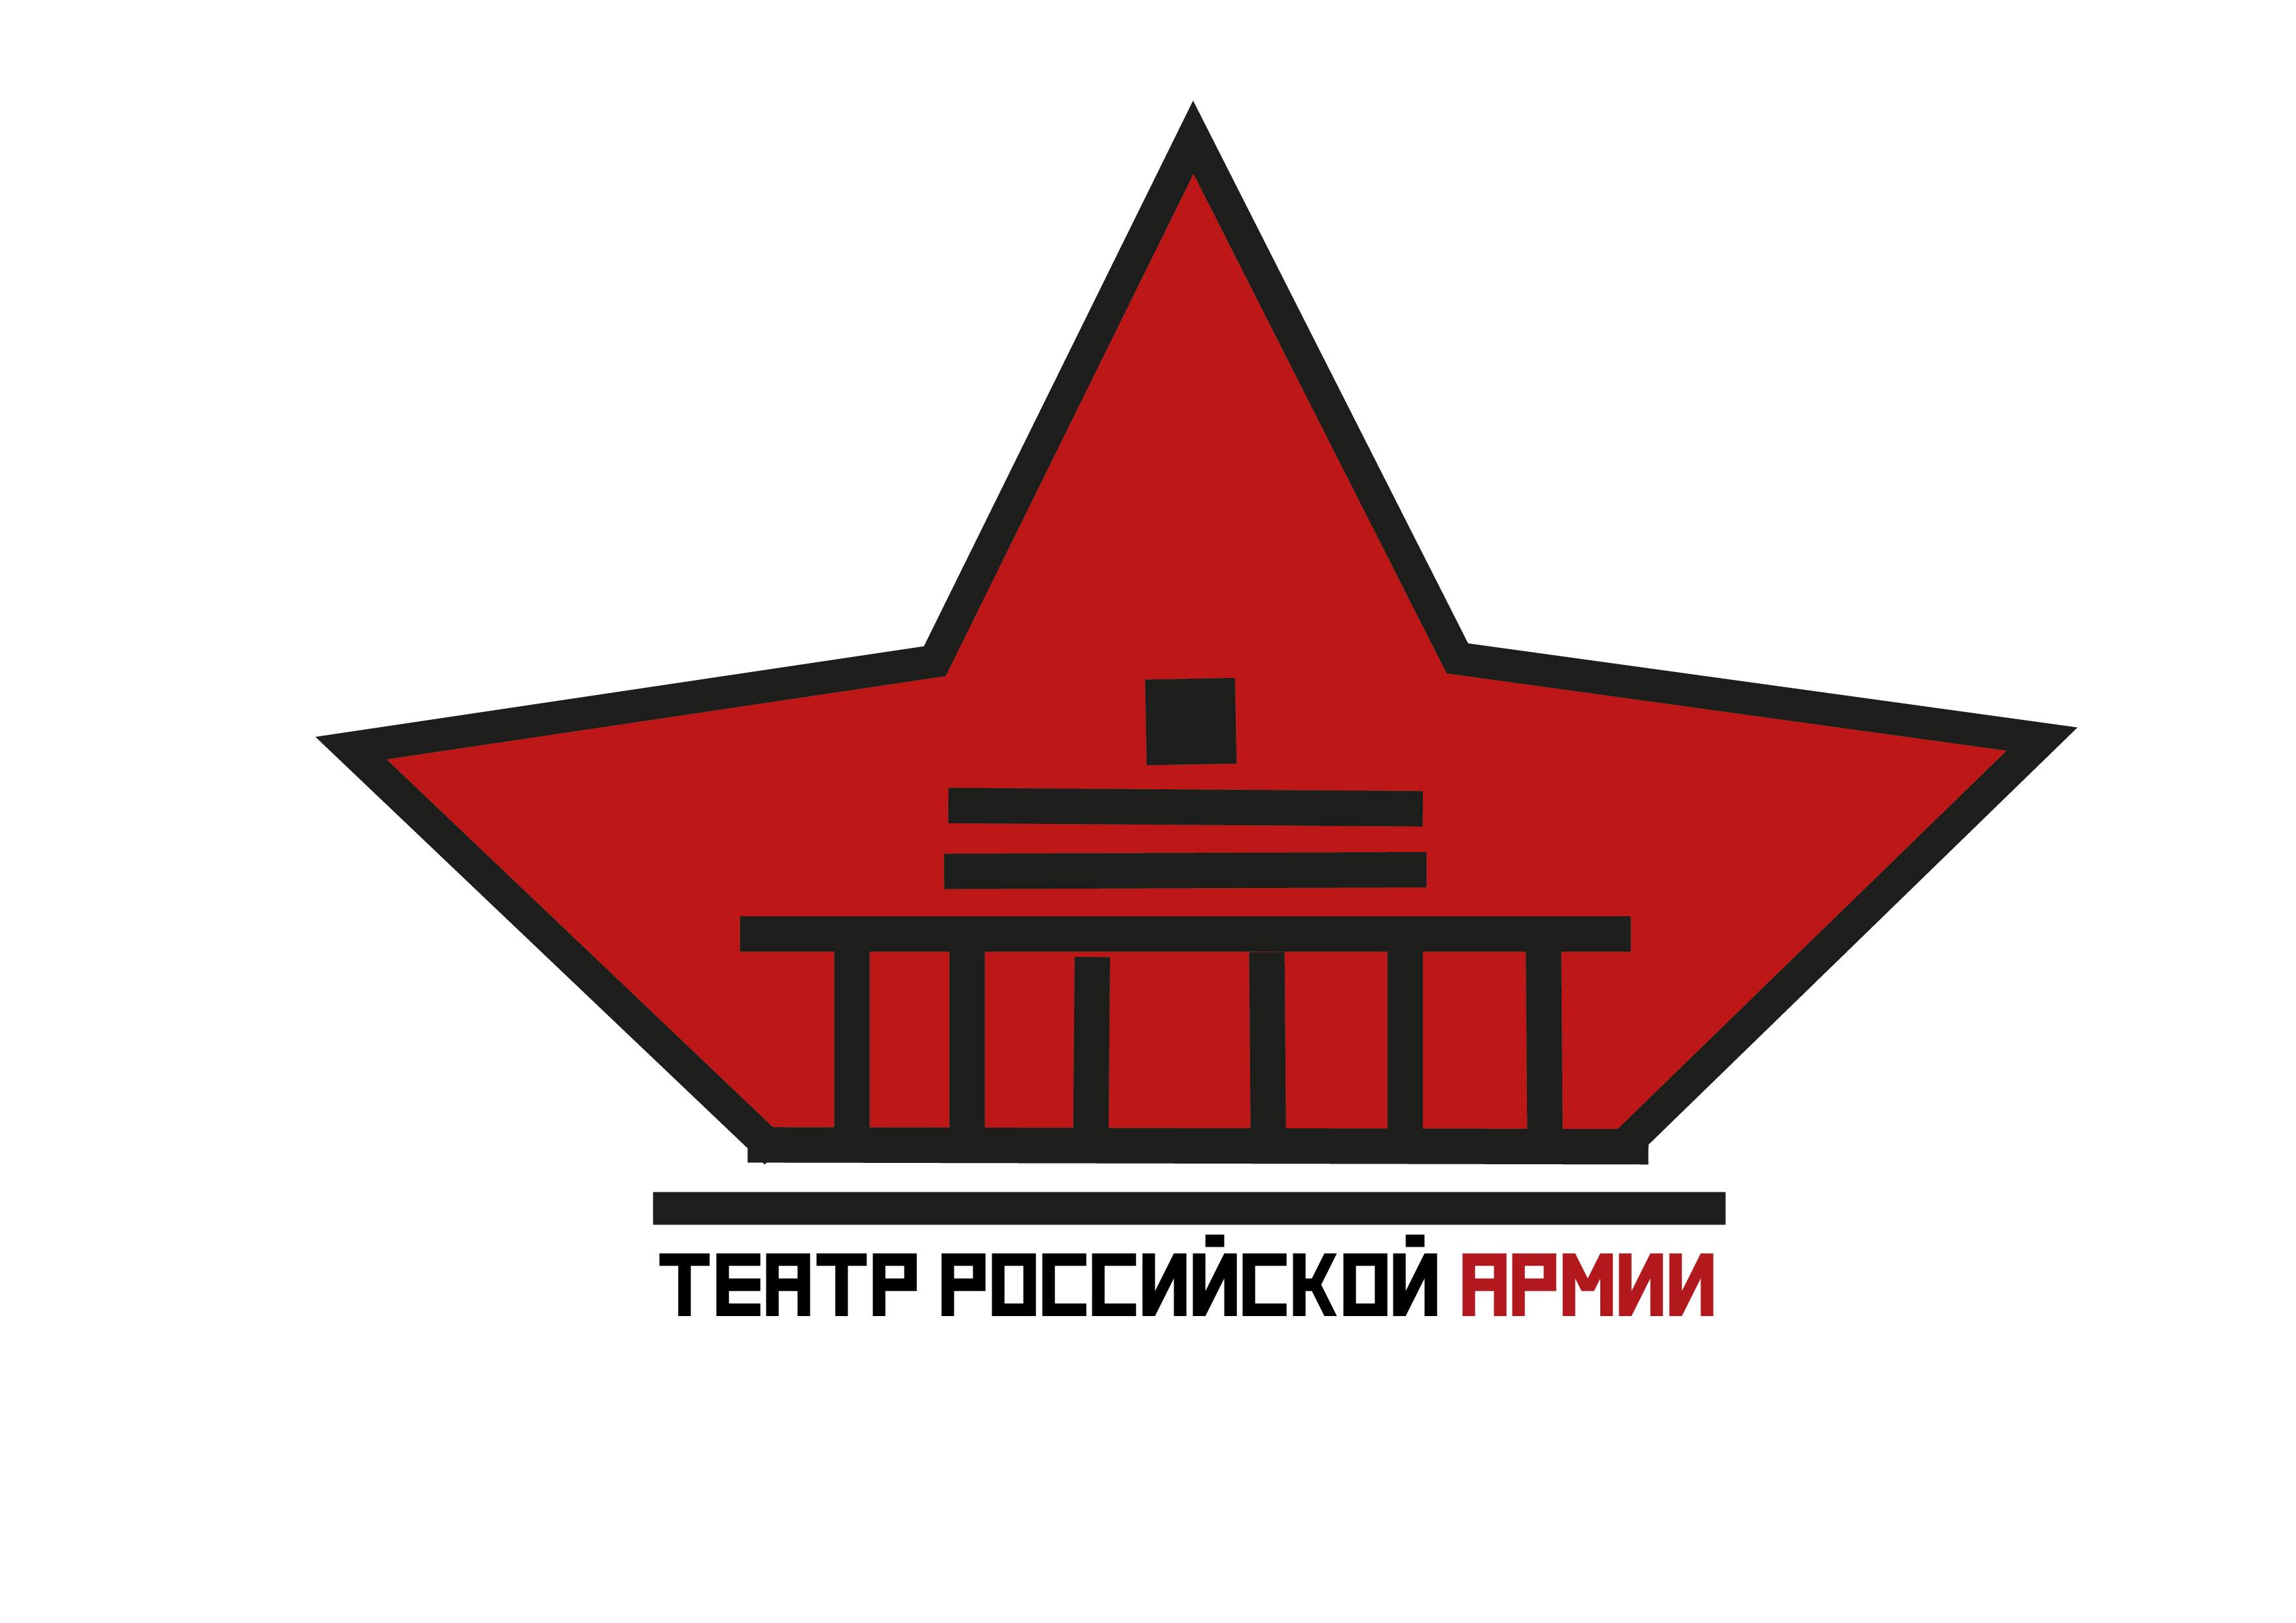 Разработка логотипа для Театра Российской Армии фото f_4405880d5b70b57c.jpg